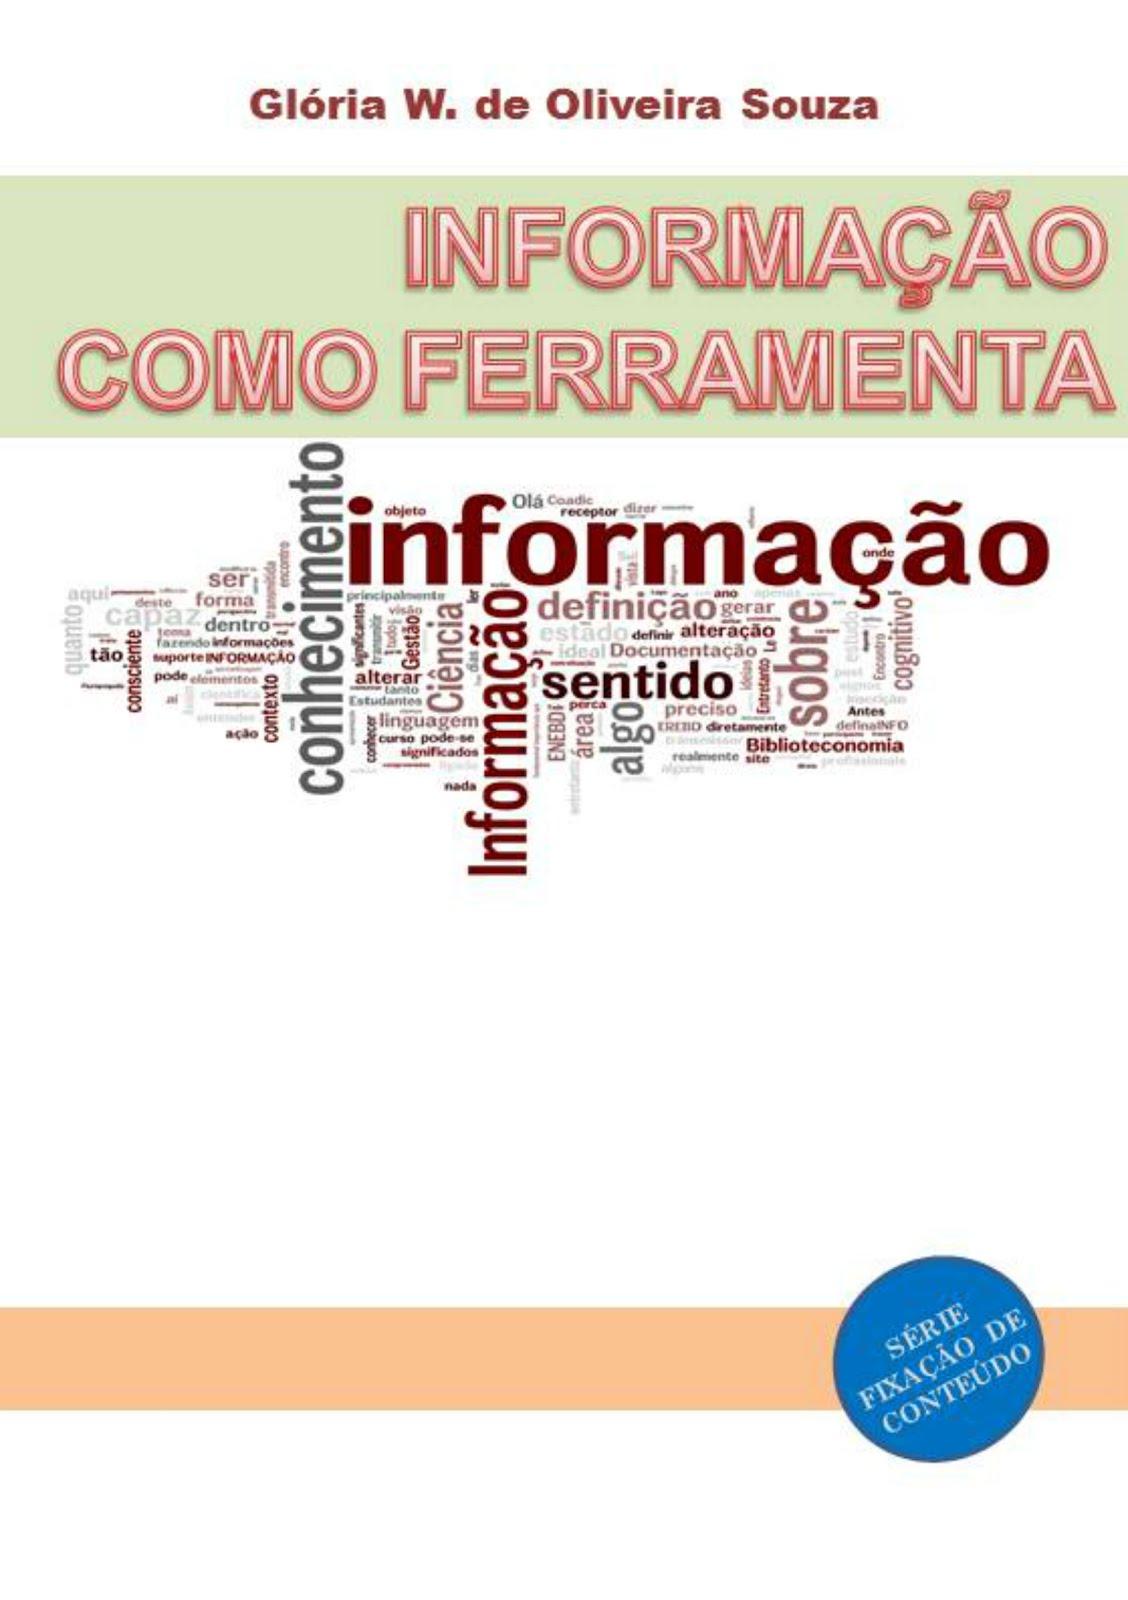 Informação como ferramenta